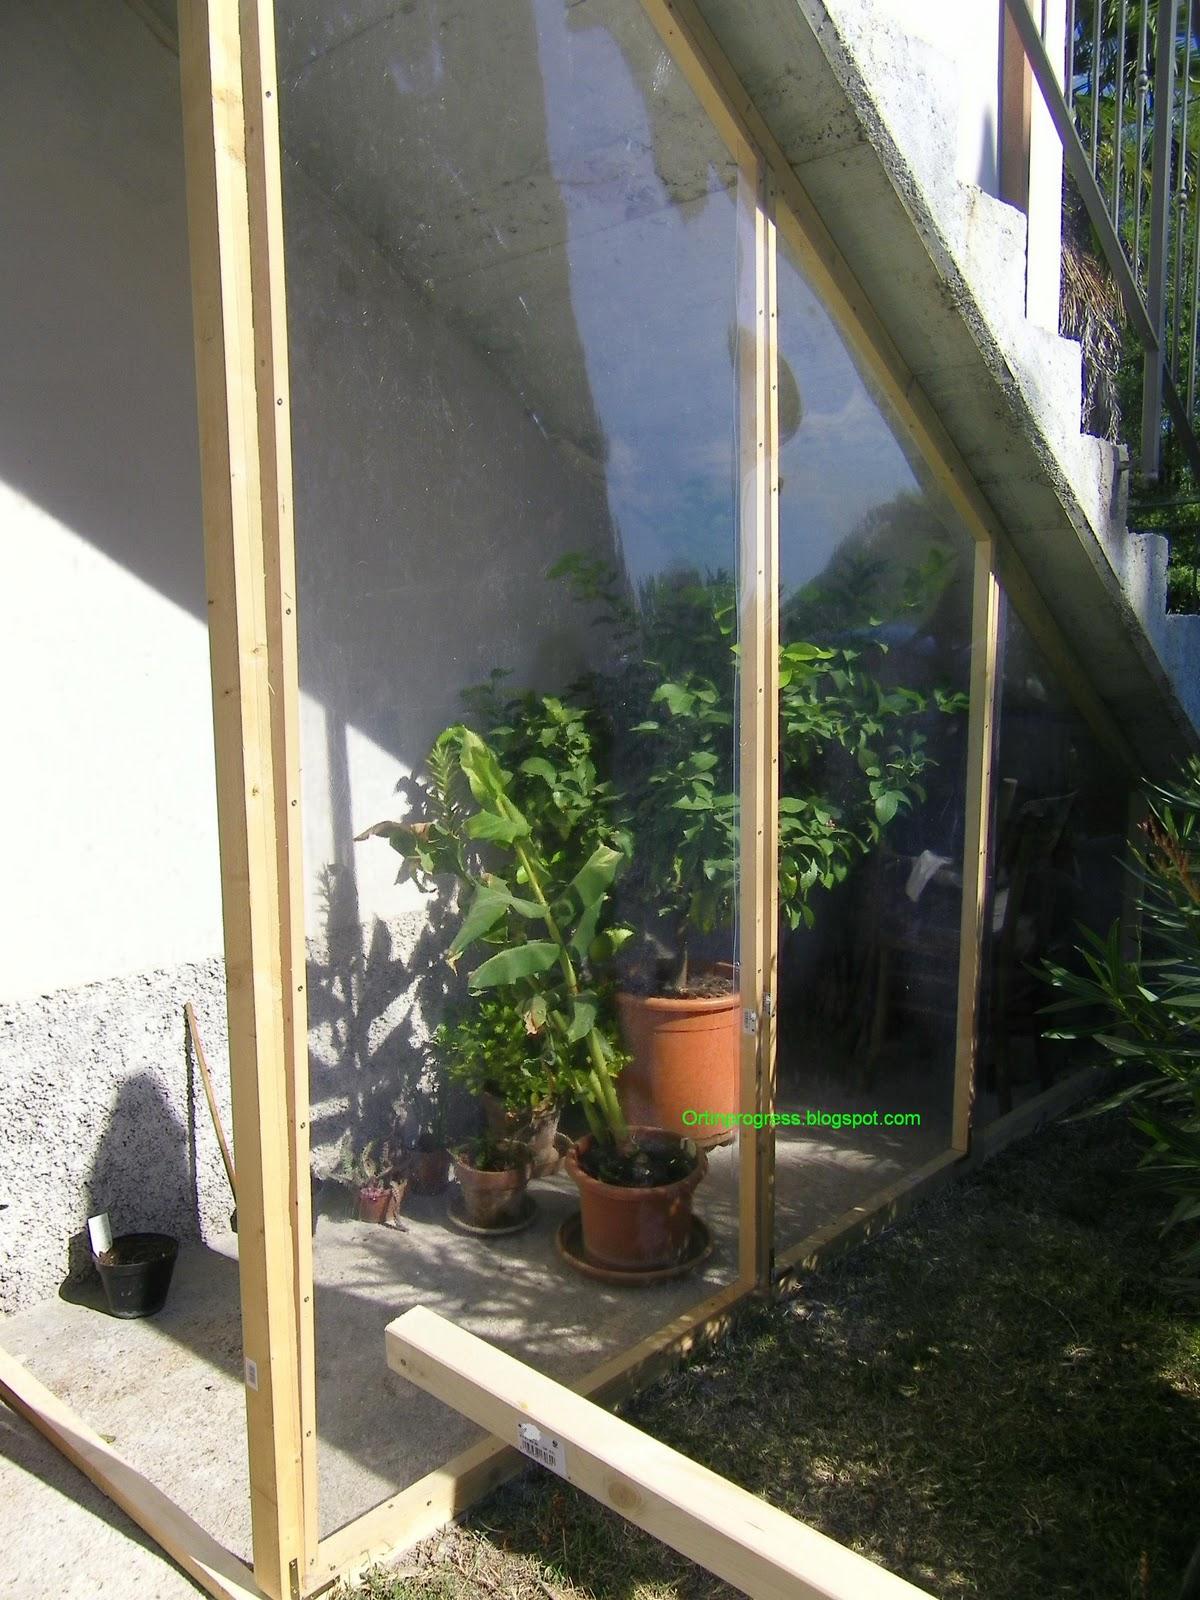 Orti in progress come costruire una serra nel sottoscala - Idee per costruire una casa ...